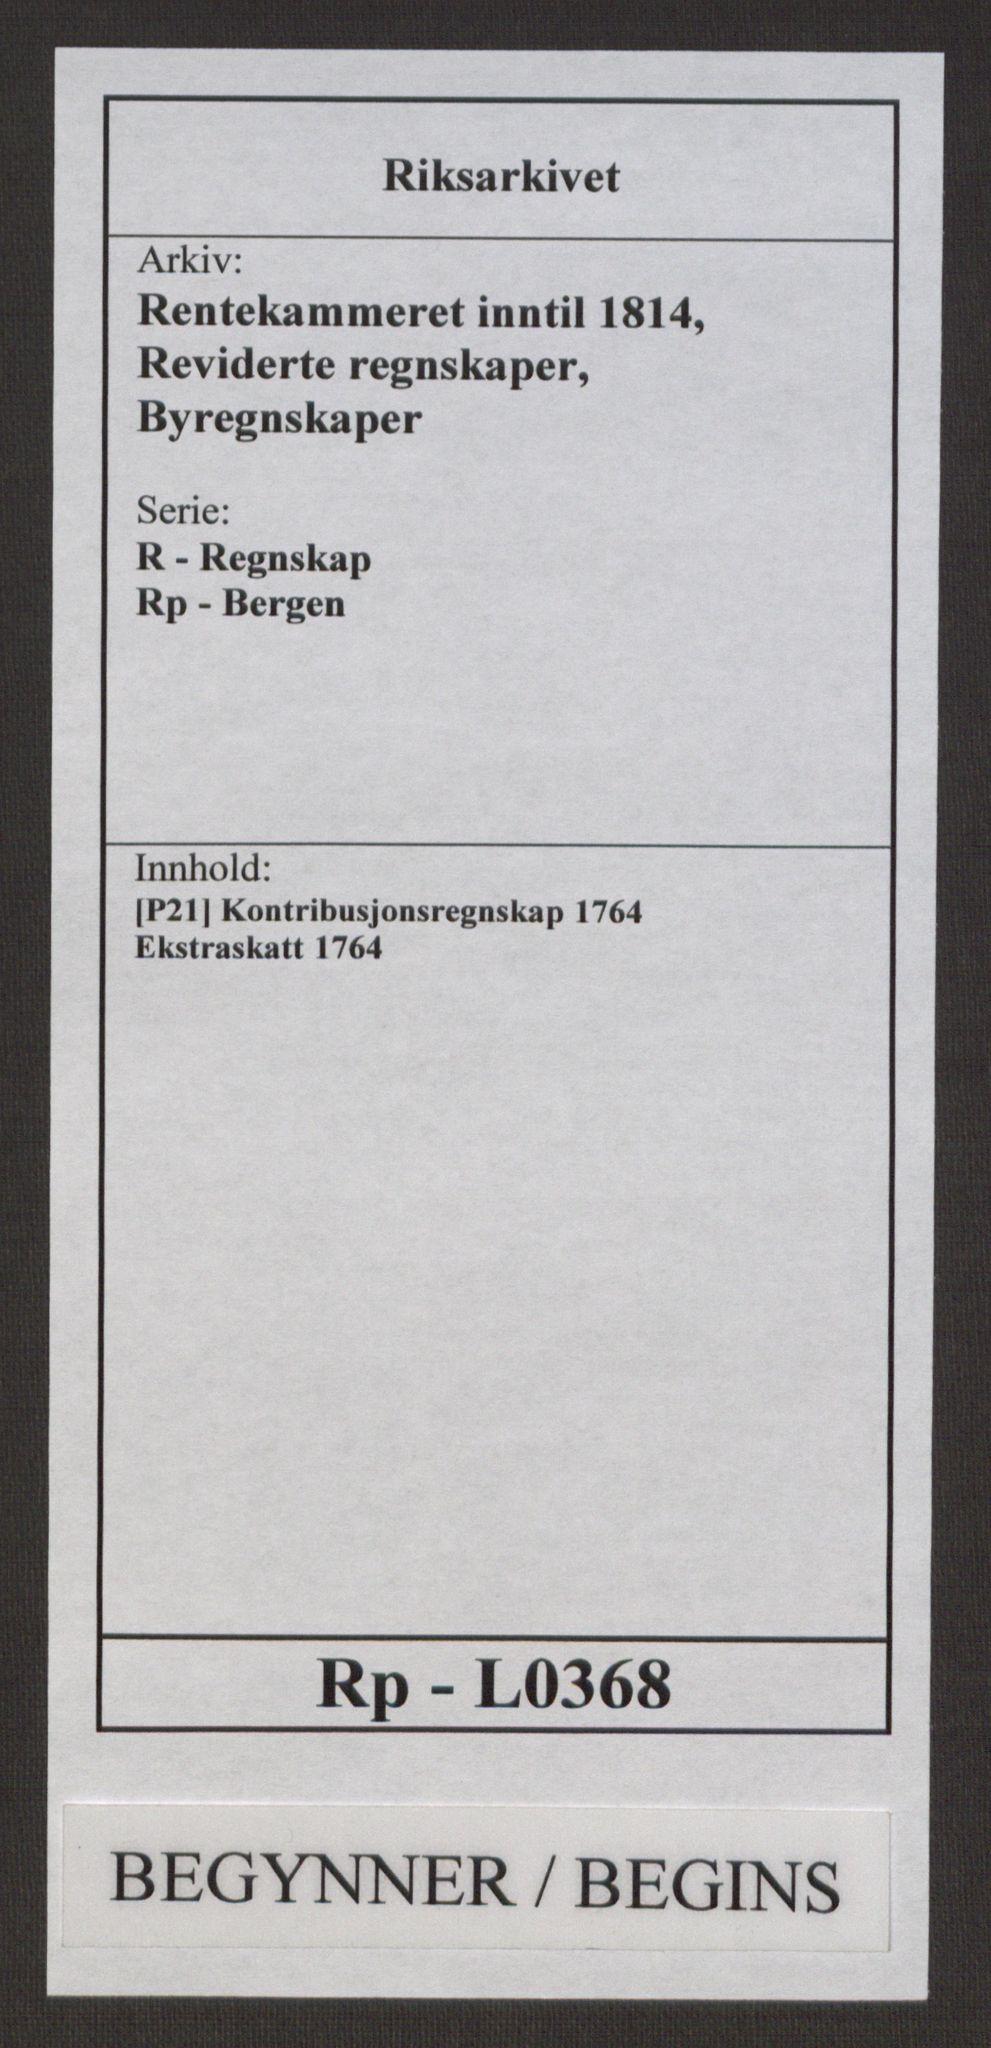 RA, Rentekammeret inntil 1814, Reviderte regnskaper, Byregnskaper, R/Rp/L0368: [P21] Kontribusjonsregnskap, 1764, s. 1